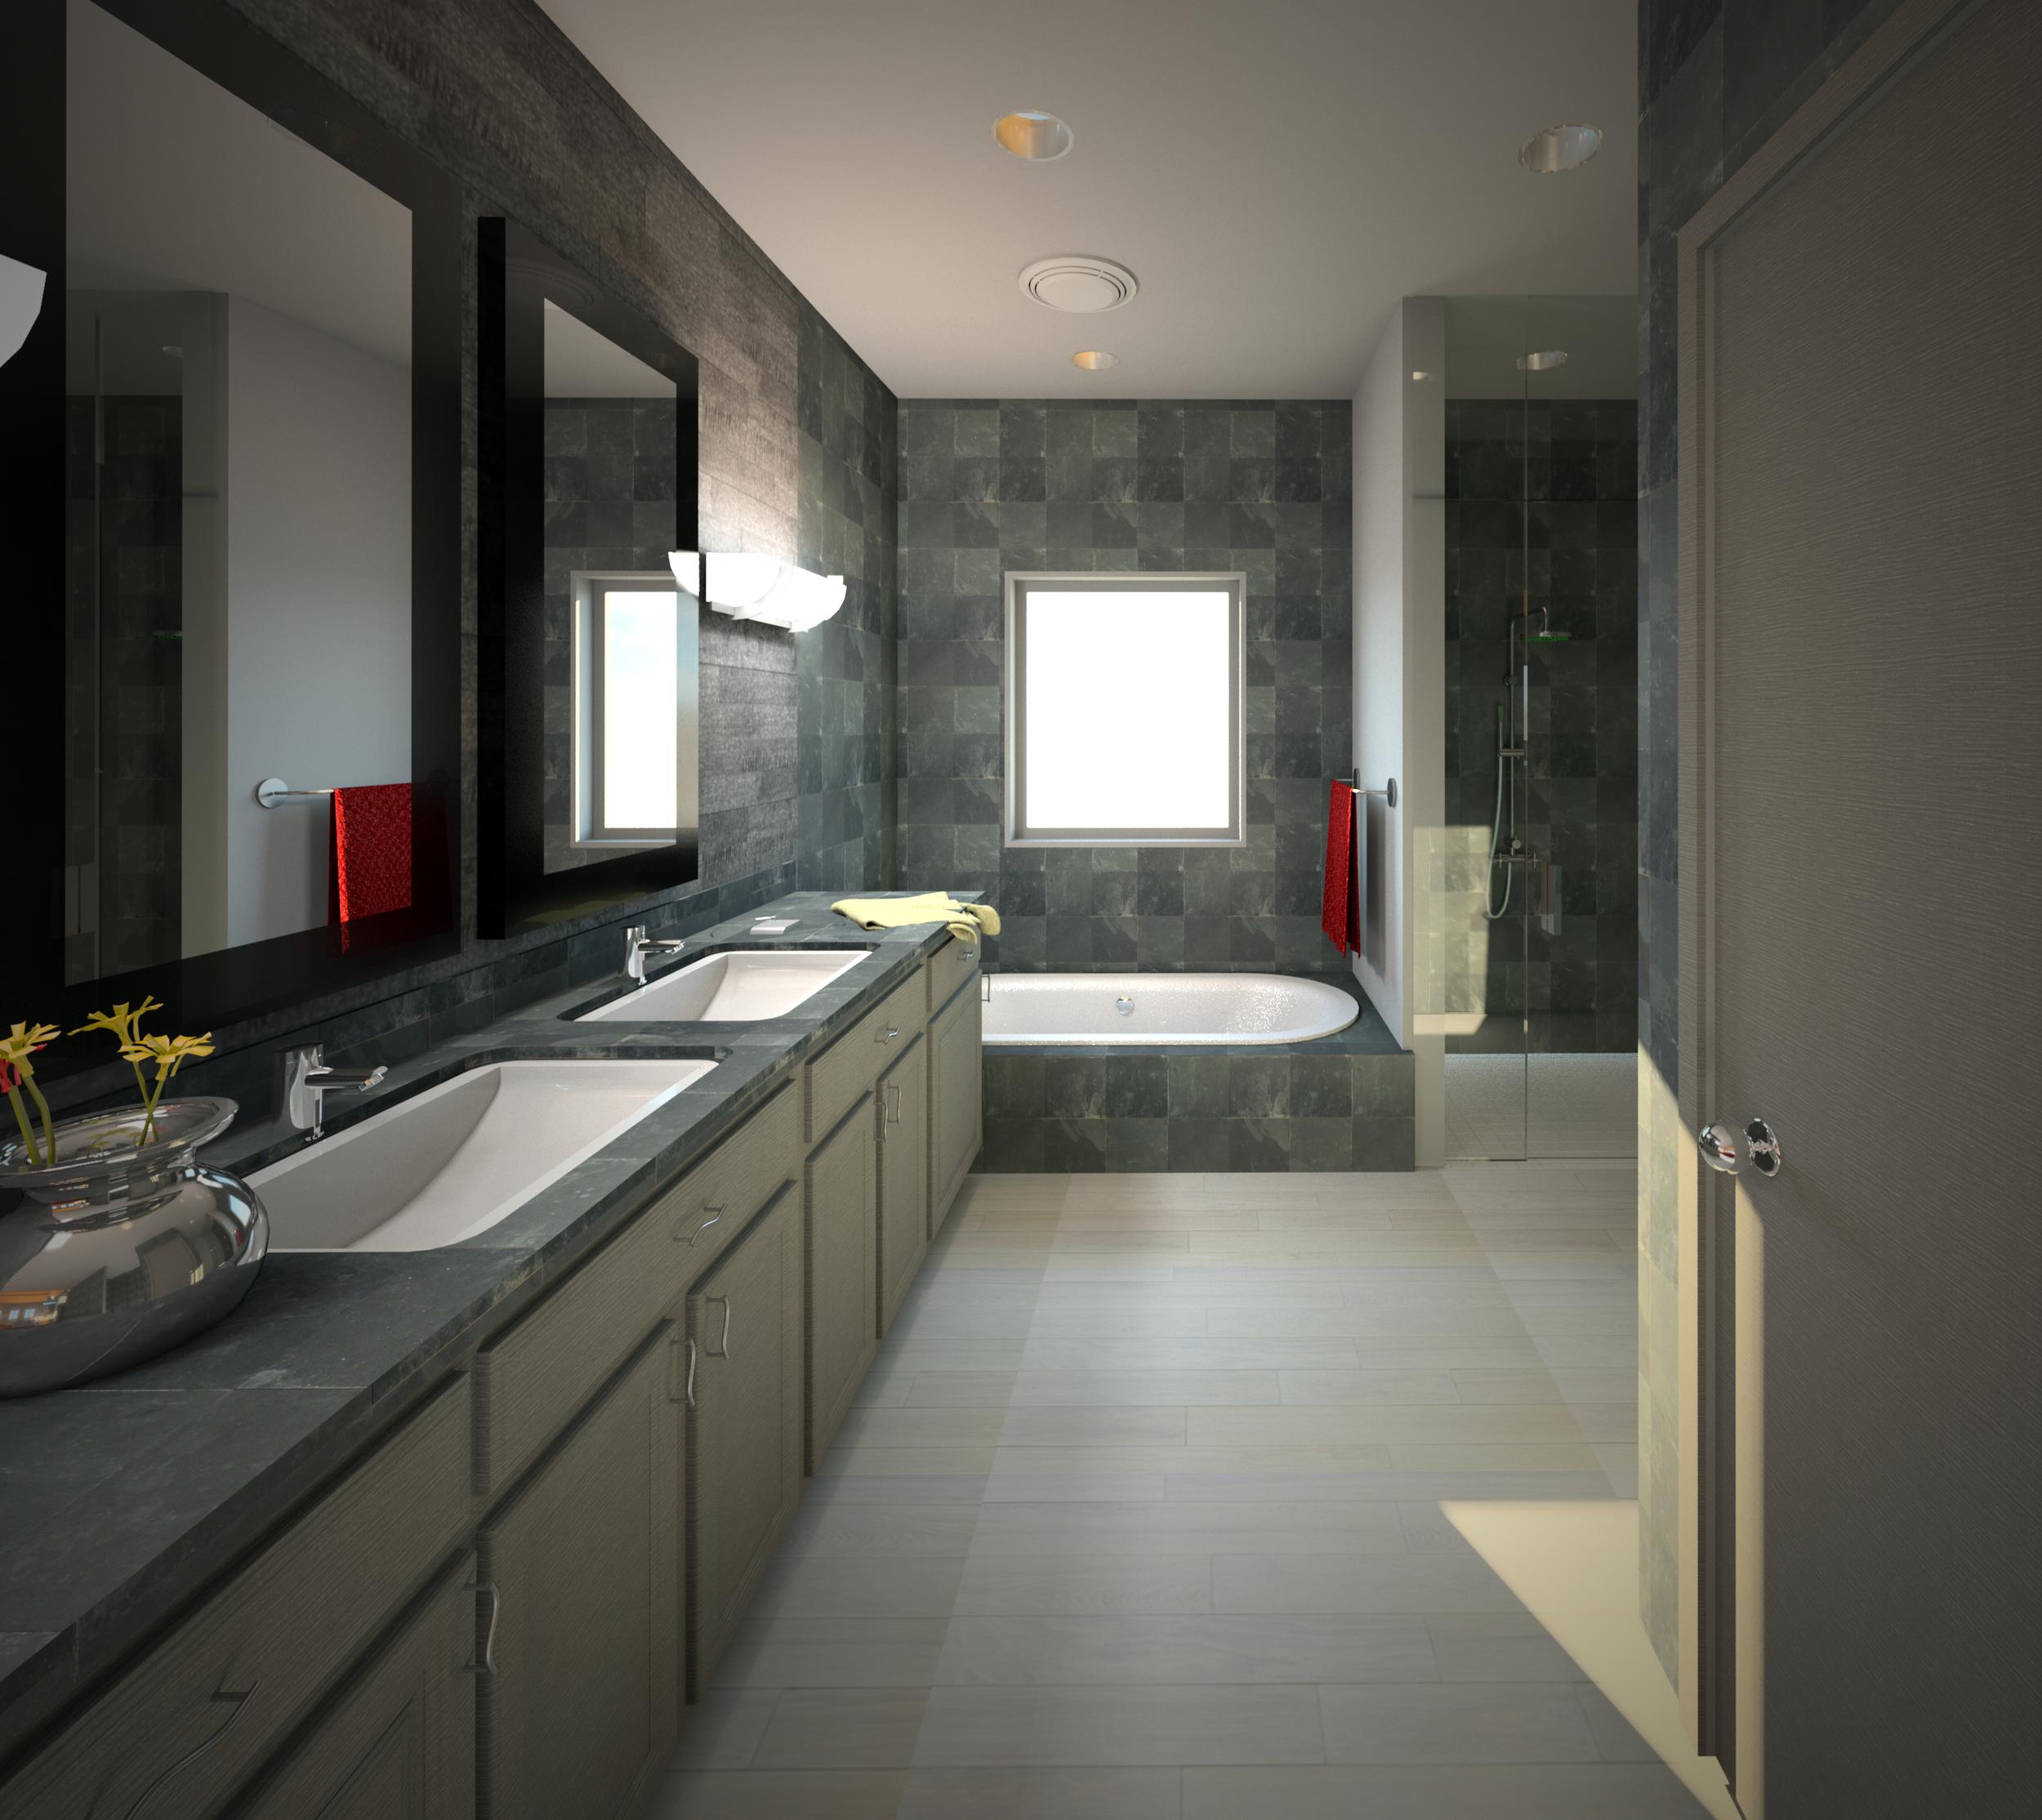 2A_Bathroom.png